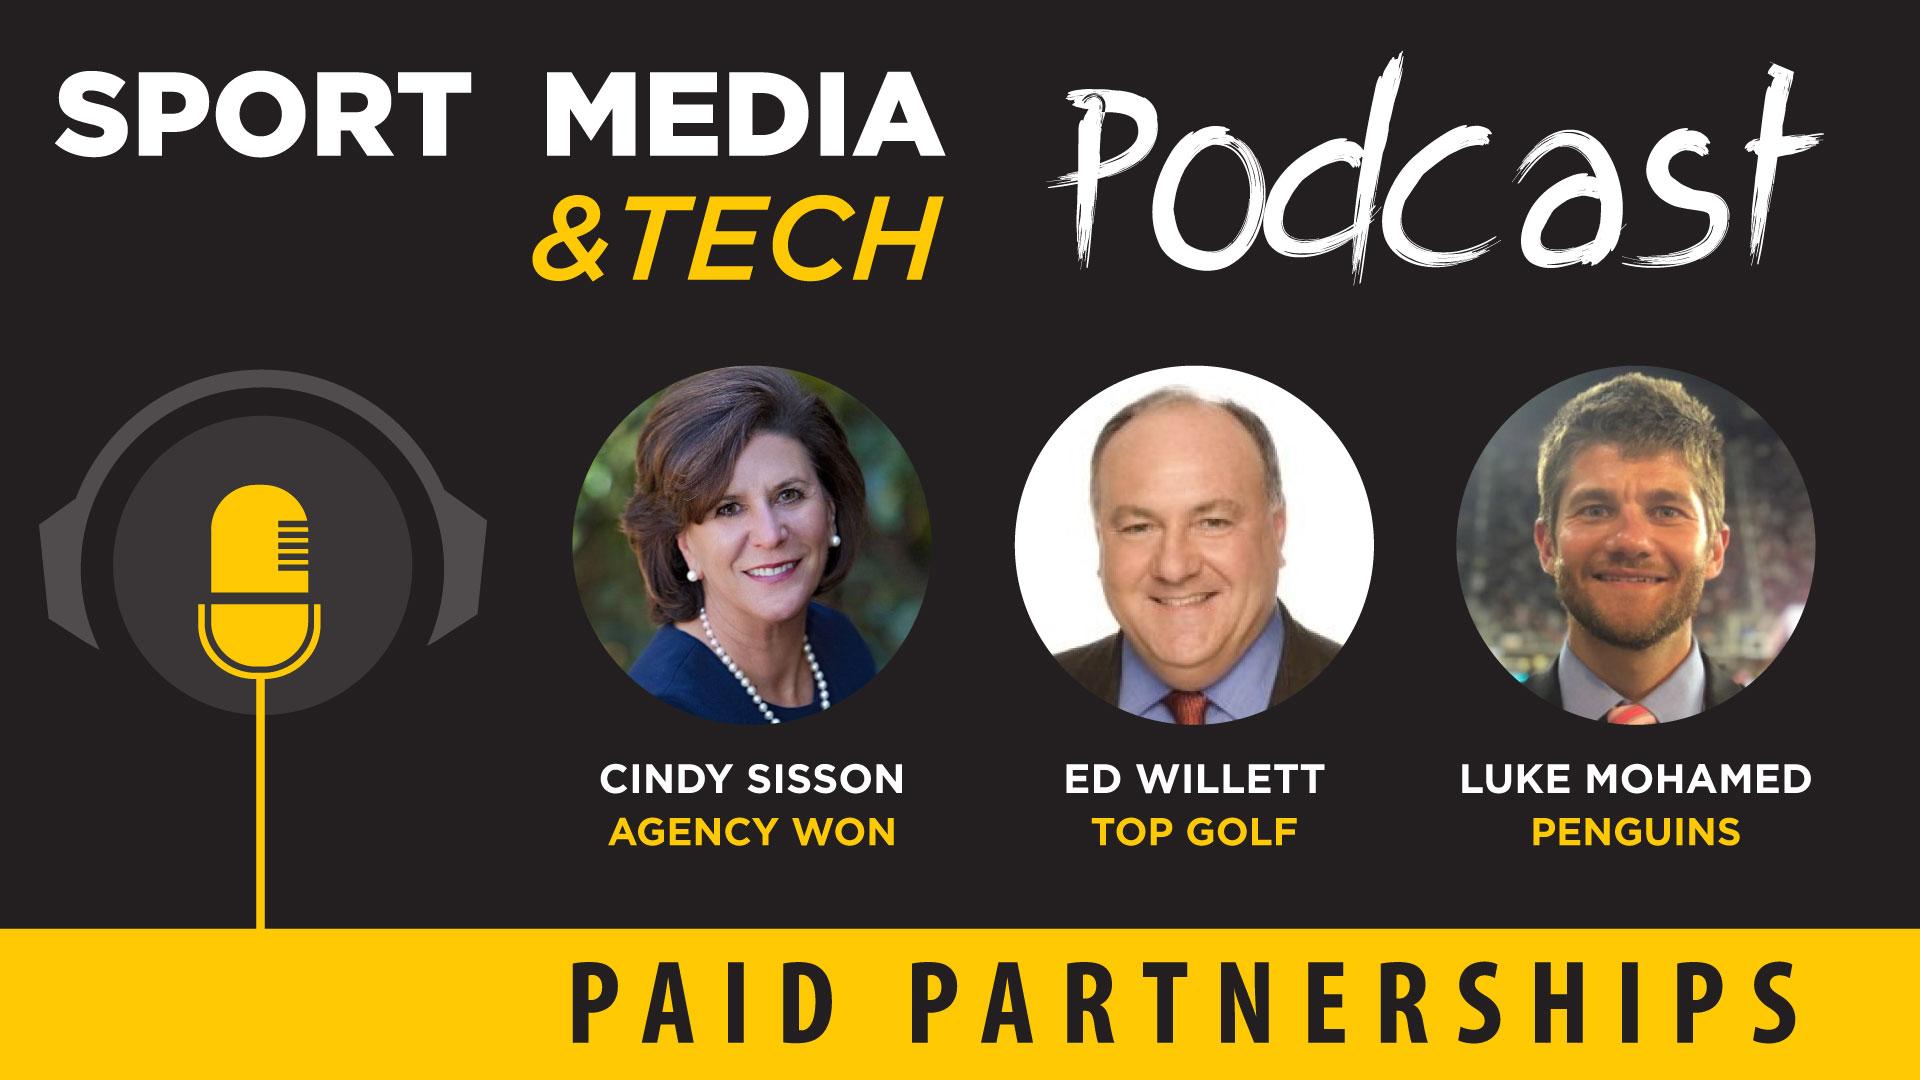 Episode 3: Paid Partnerships